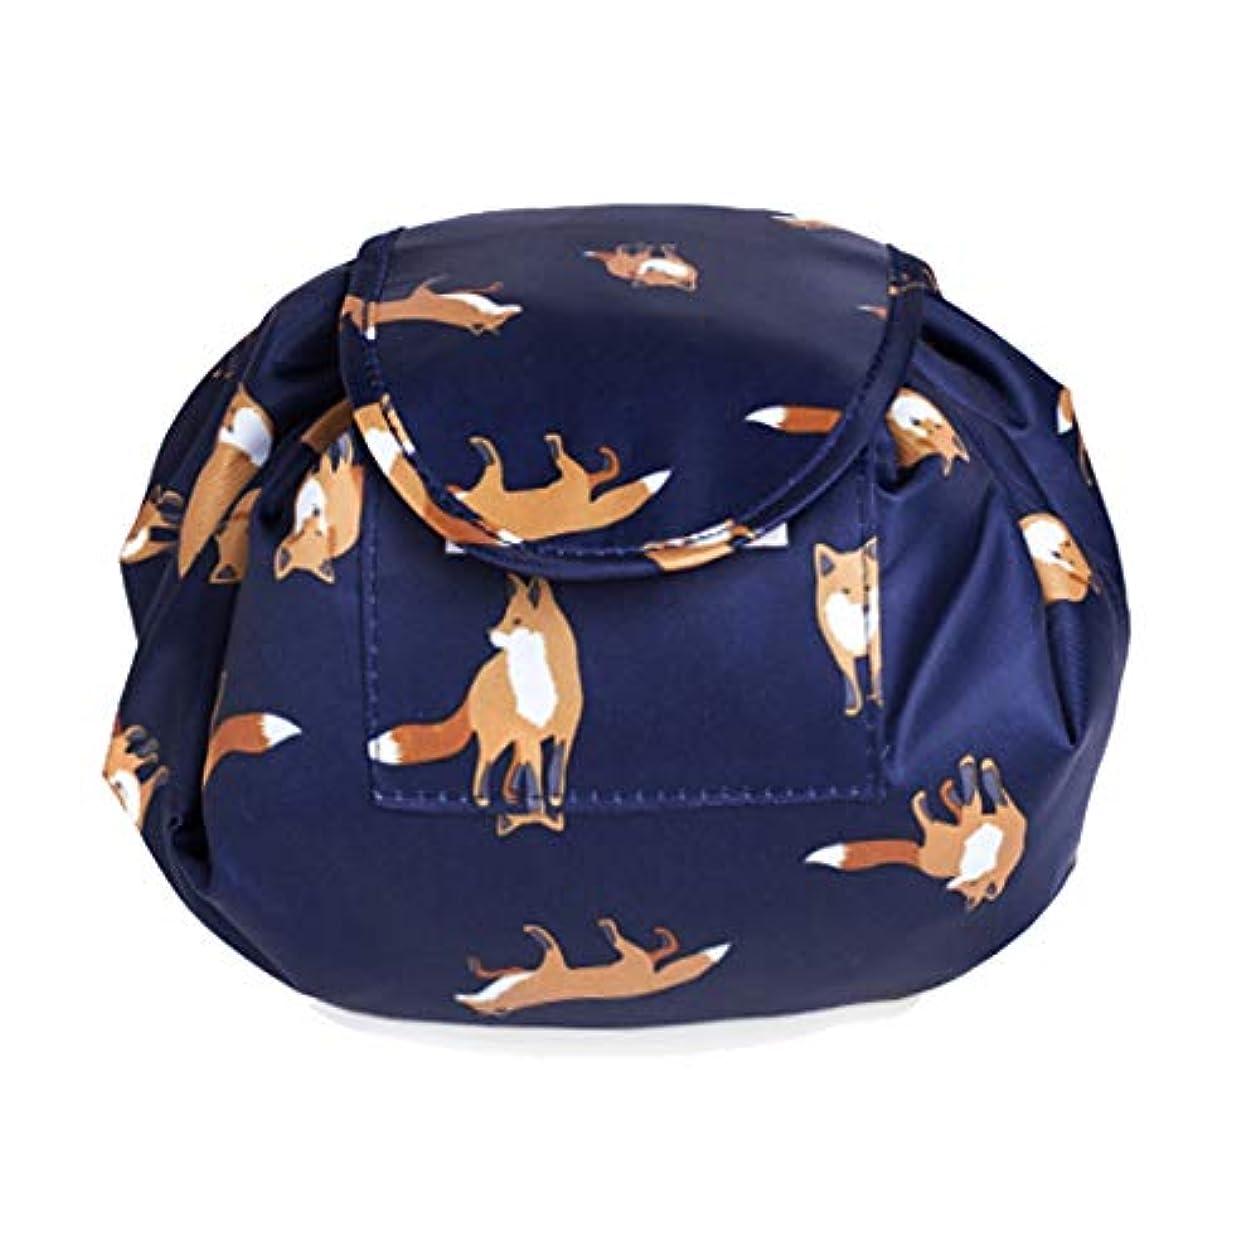 ムス釈義ありがたい大容量 レイジーメイクアップトイレタリーバッグ 引きひも ポータブル 旅行 カジュアル 防水 クイック 魔法 化粧品収納バッグ 女性にぴったり (狐)